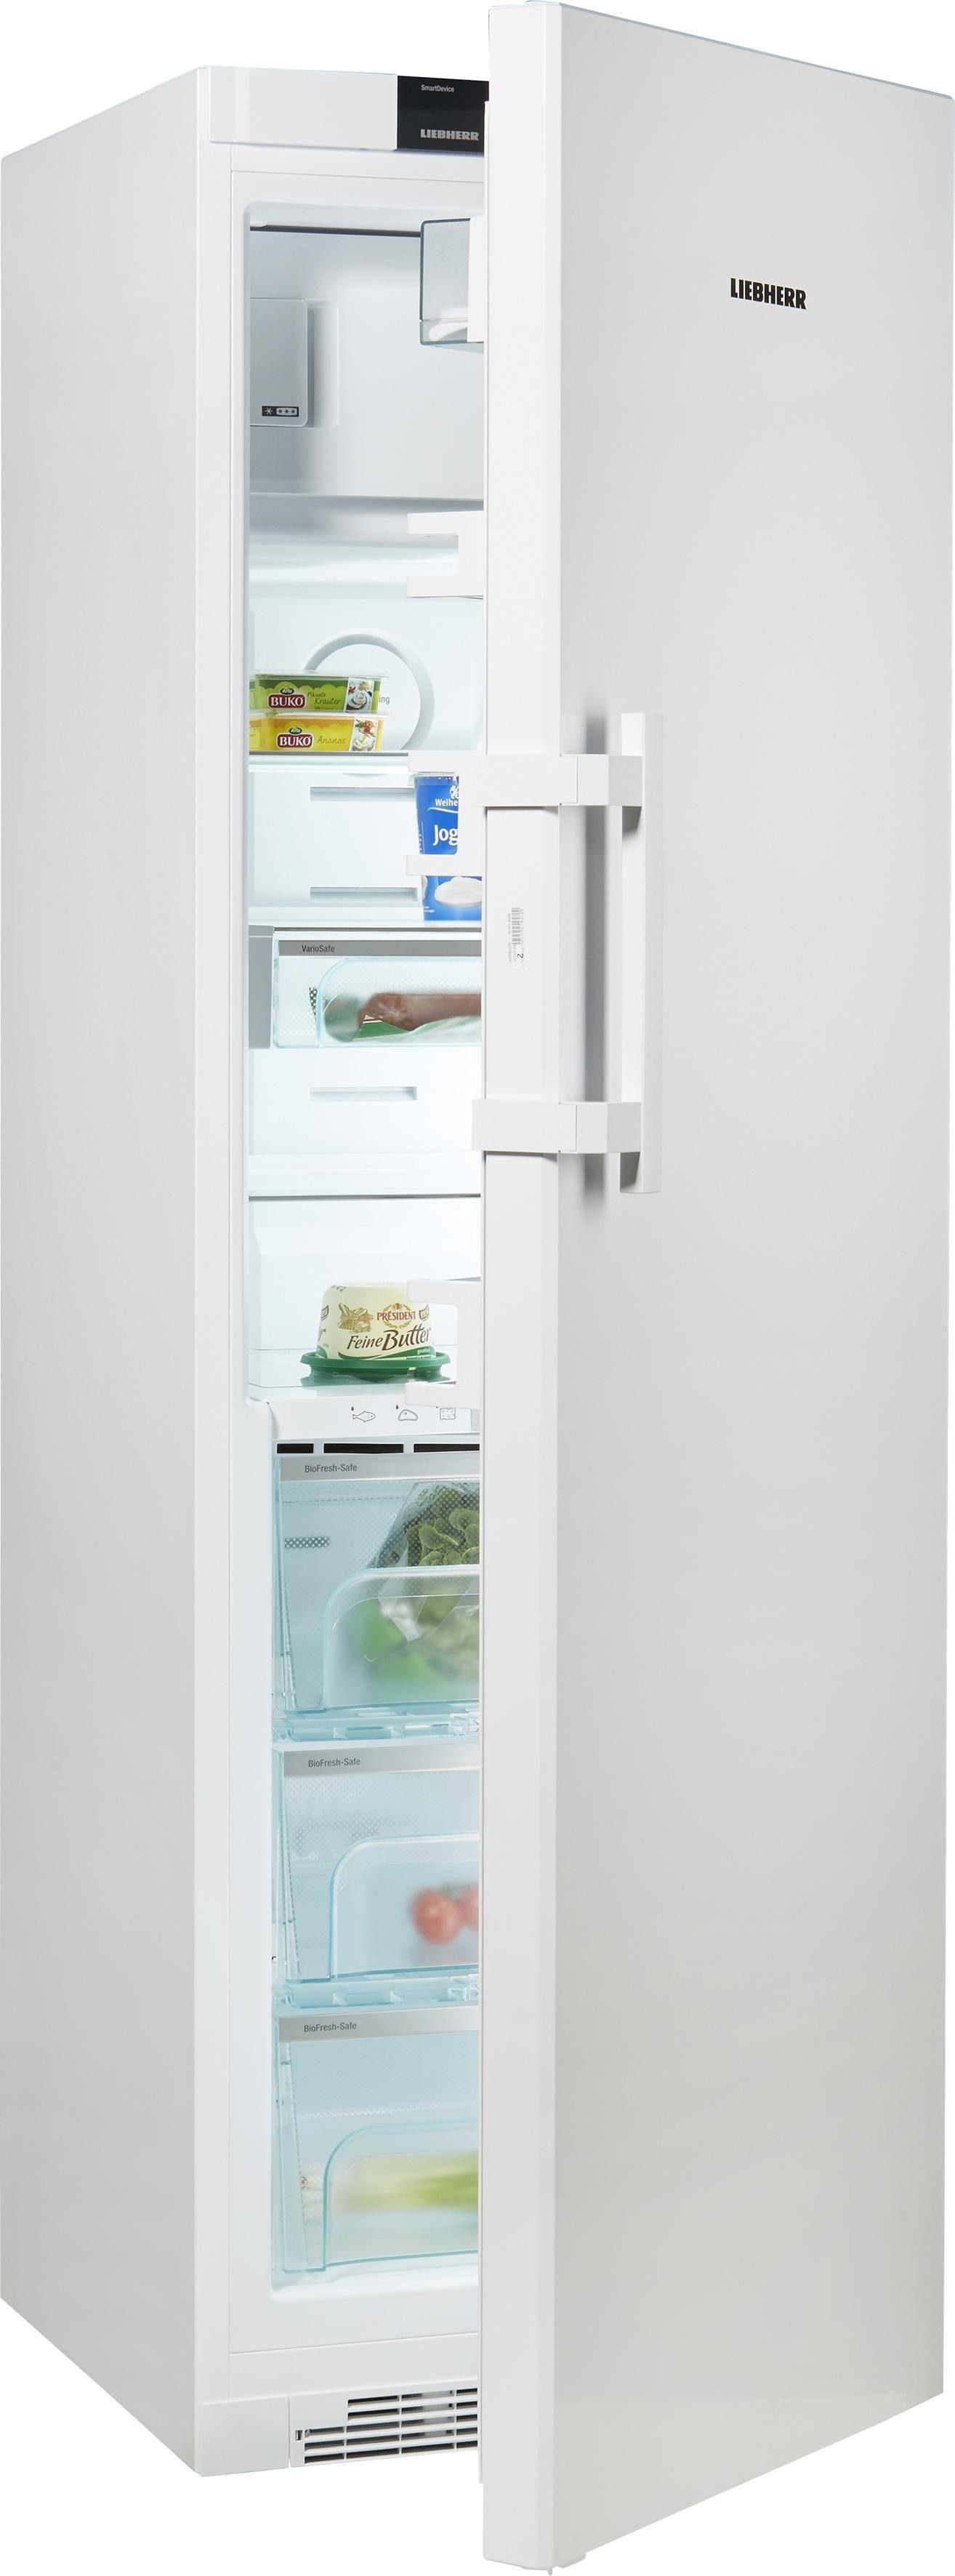 Liebherr Standkühlschrank KBP 4354-20, A+++, 185 cm hoch